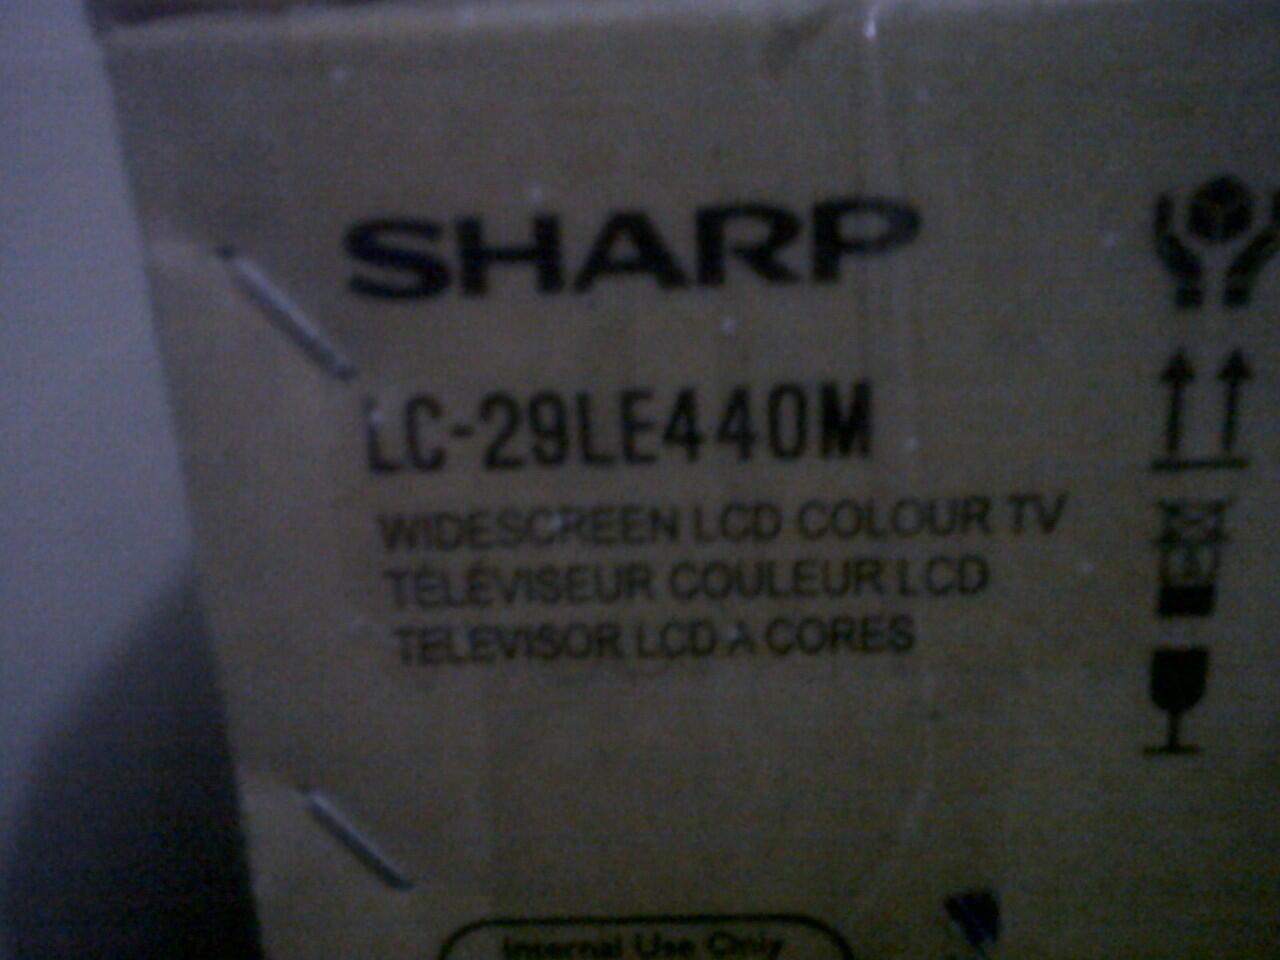 Di jual tv led merk sharp 29 inci masih baru 3 hari ,ngga jadi pake